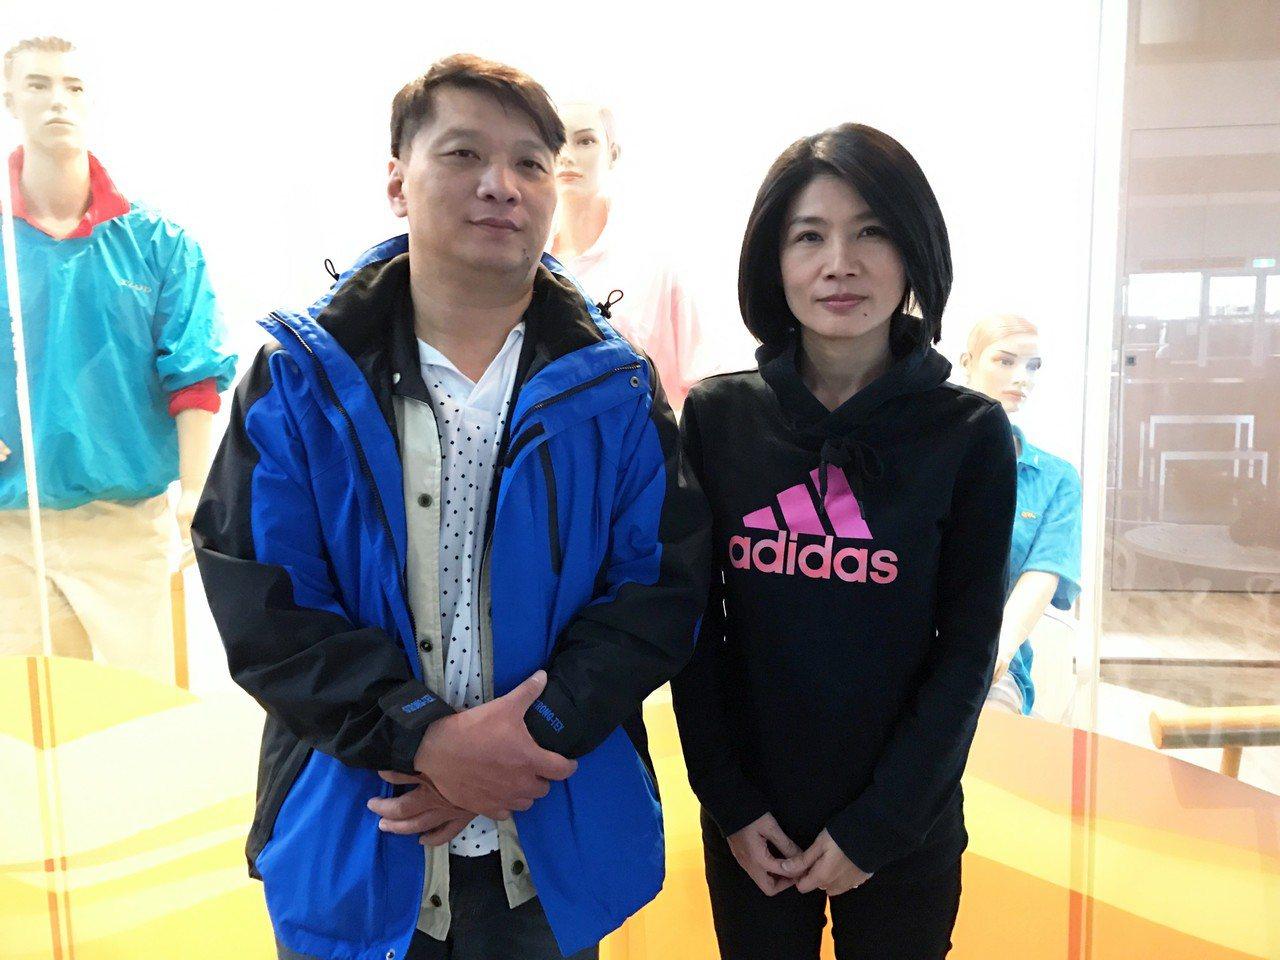 夫妻檔侯俊良、吳麗瓊。記者周宗禎/攝影